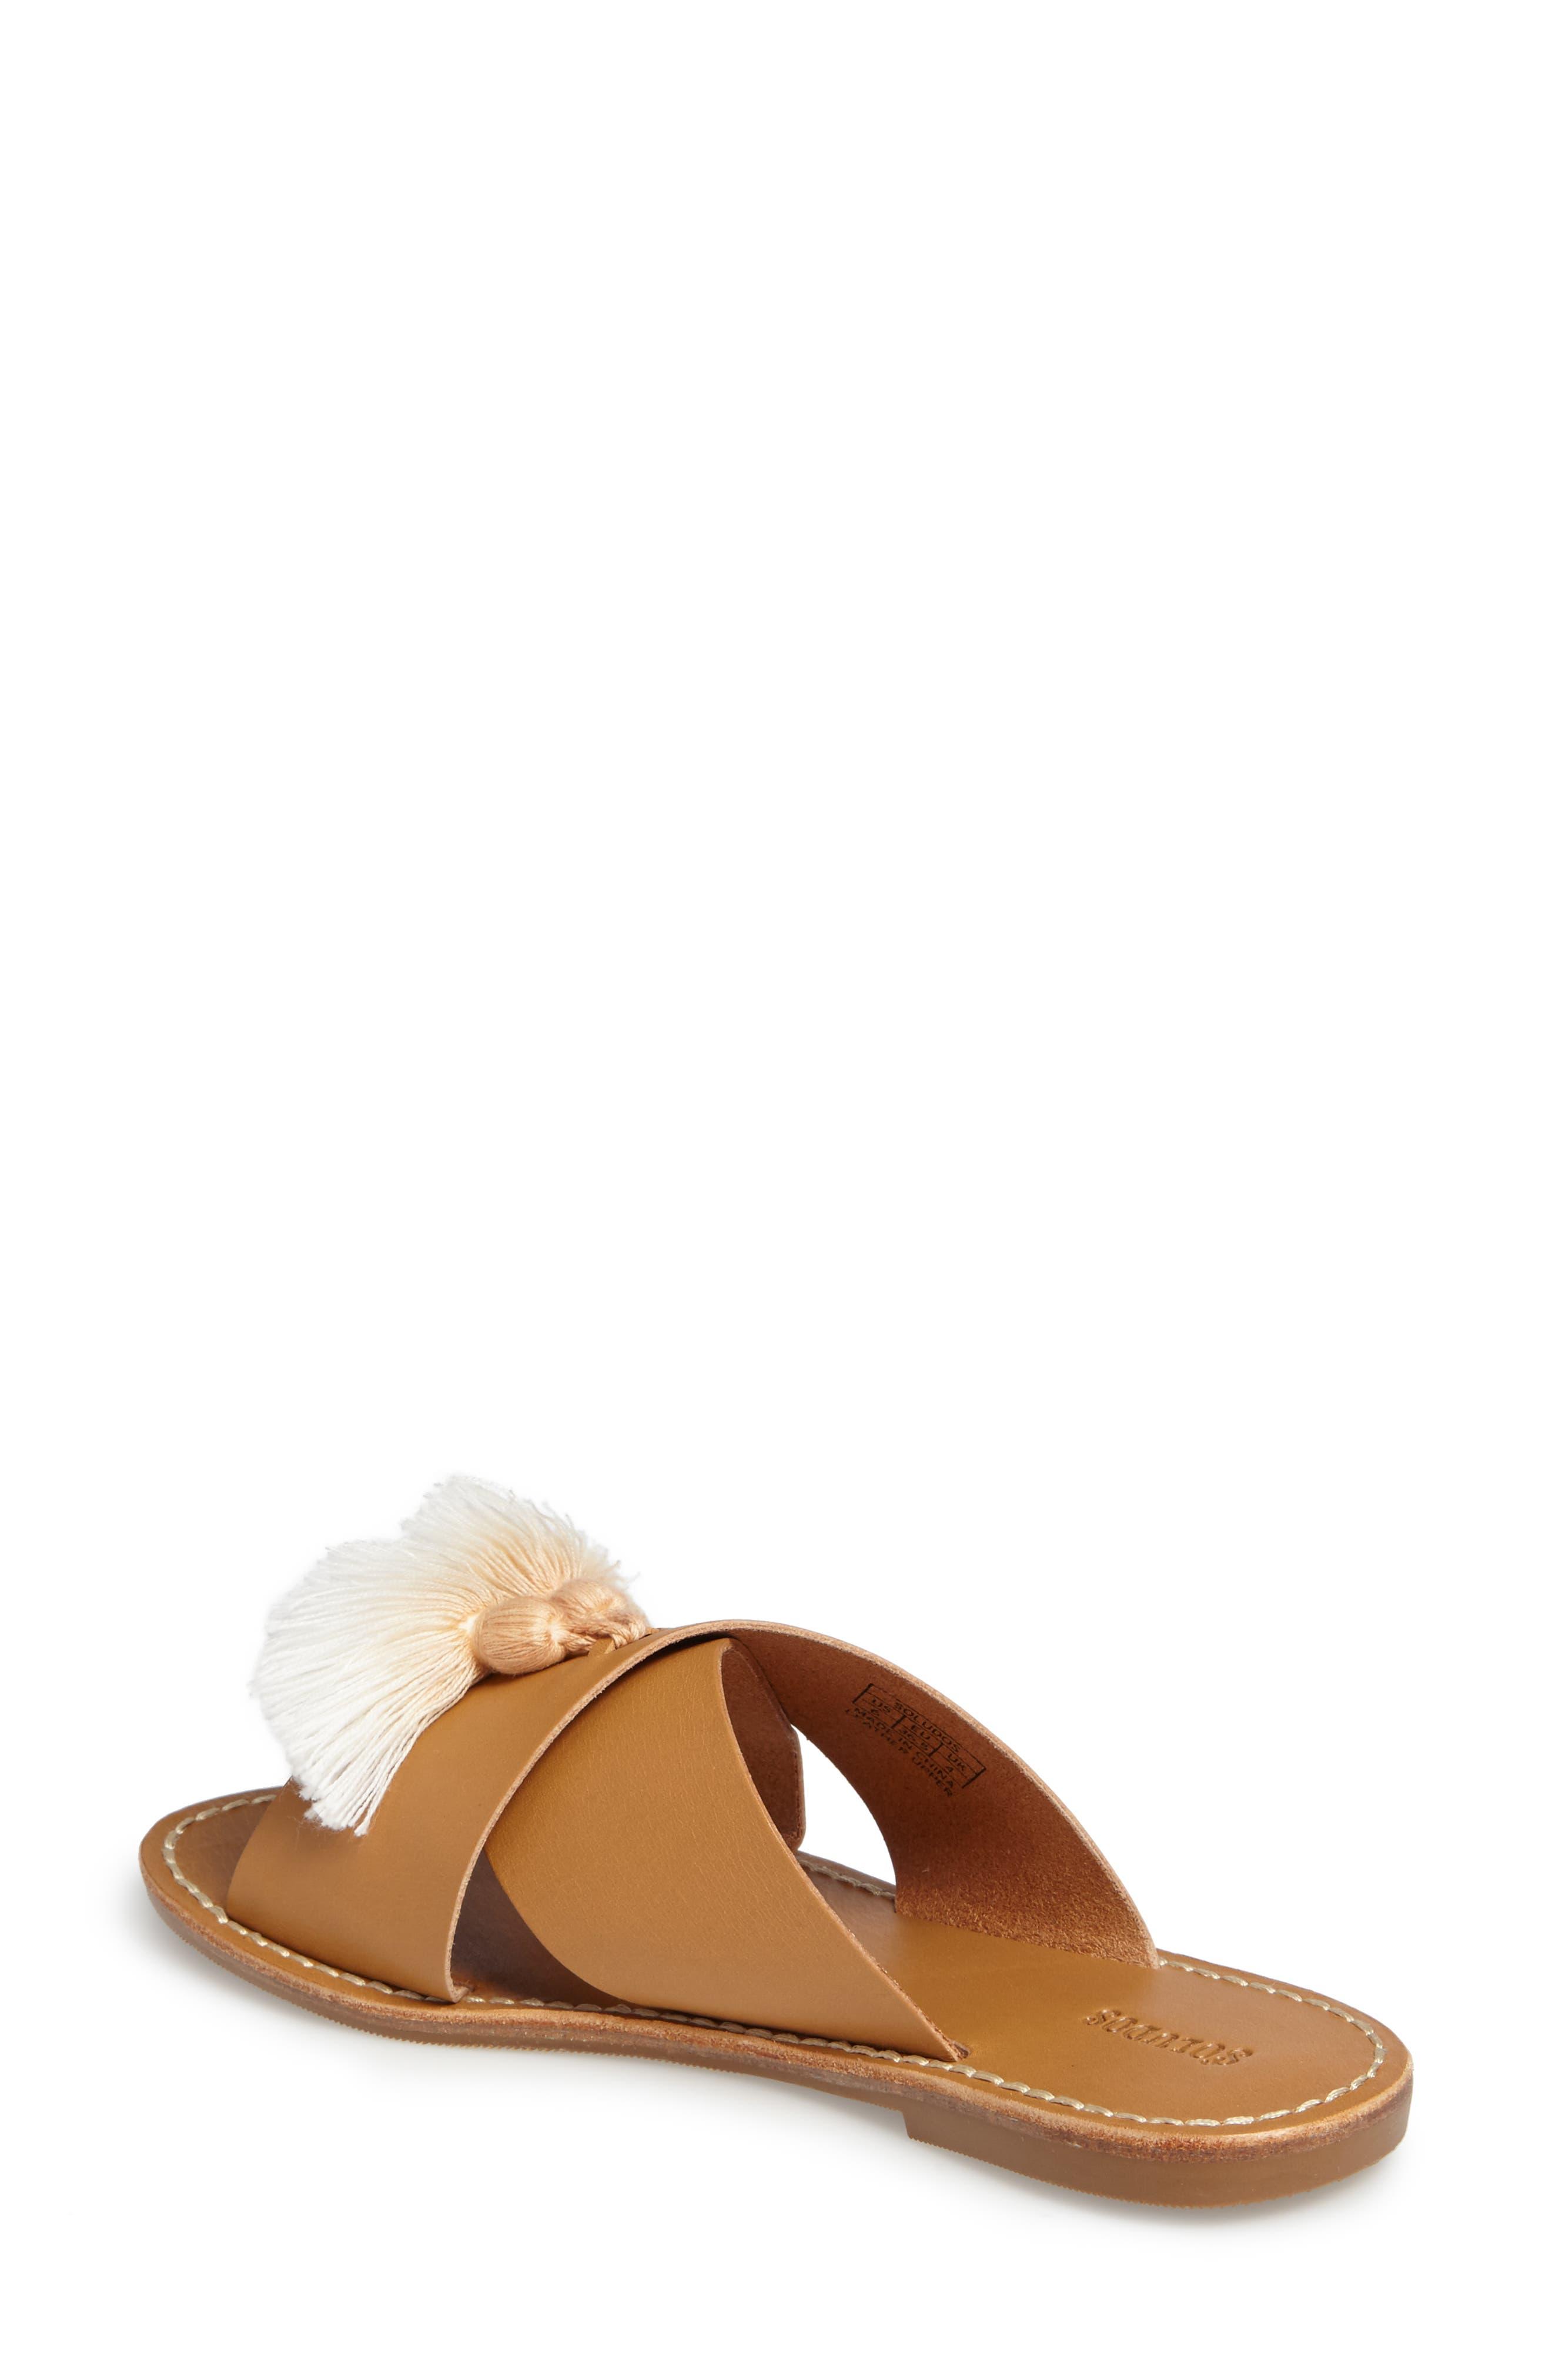 Tassel Slide Sandal,                             Alternate thumbnail 2, color,                             Brown Leather